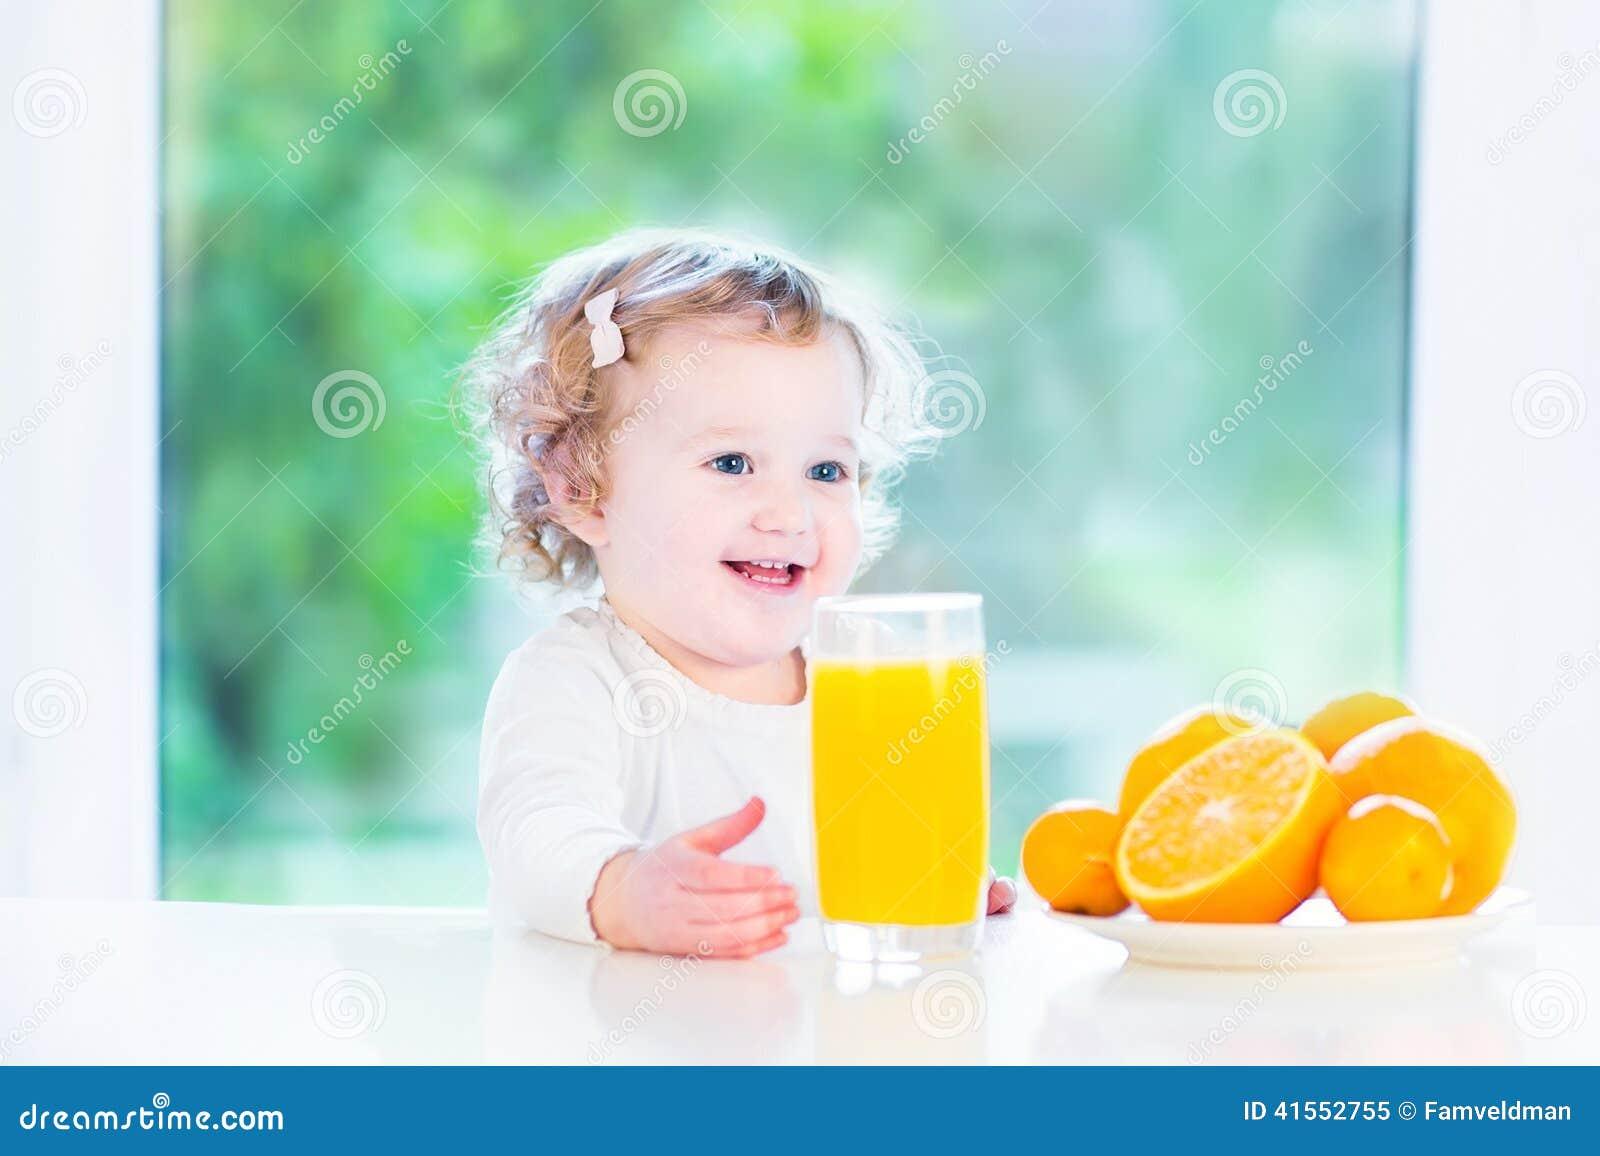 喝橙汁的滑稽的卷曲小孩女孩